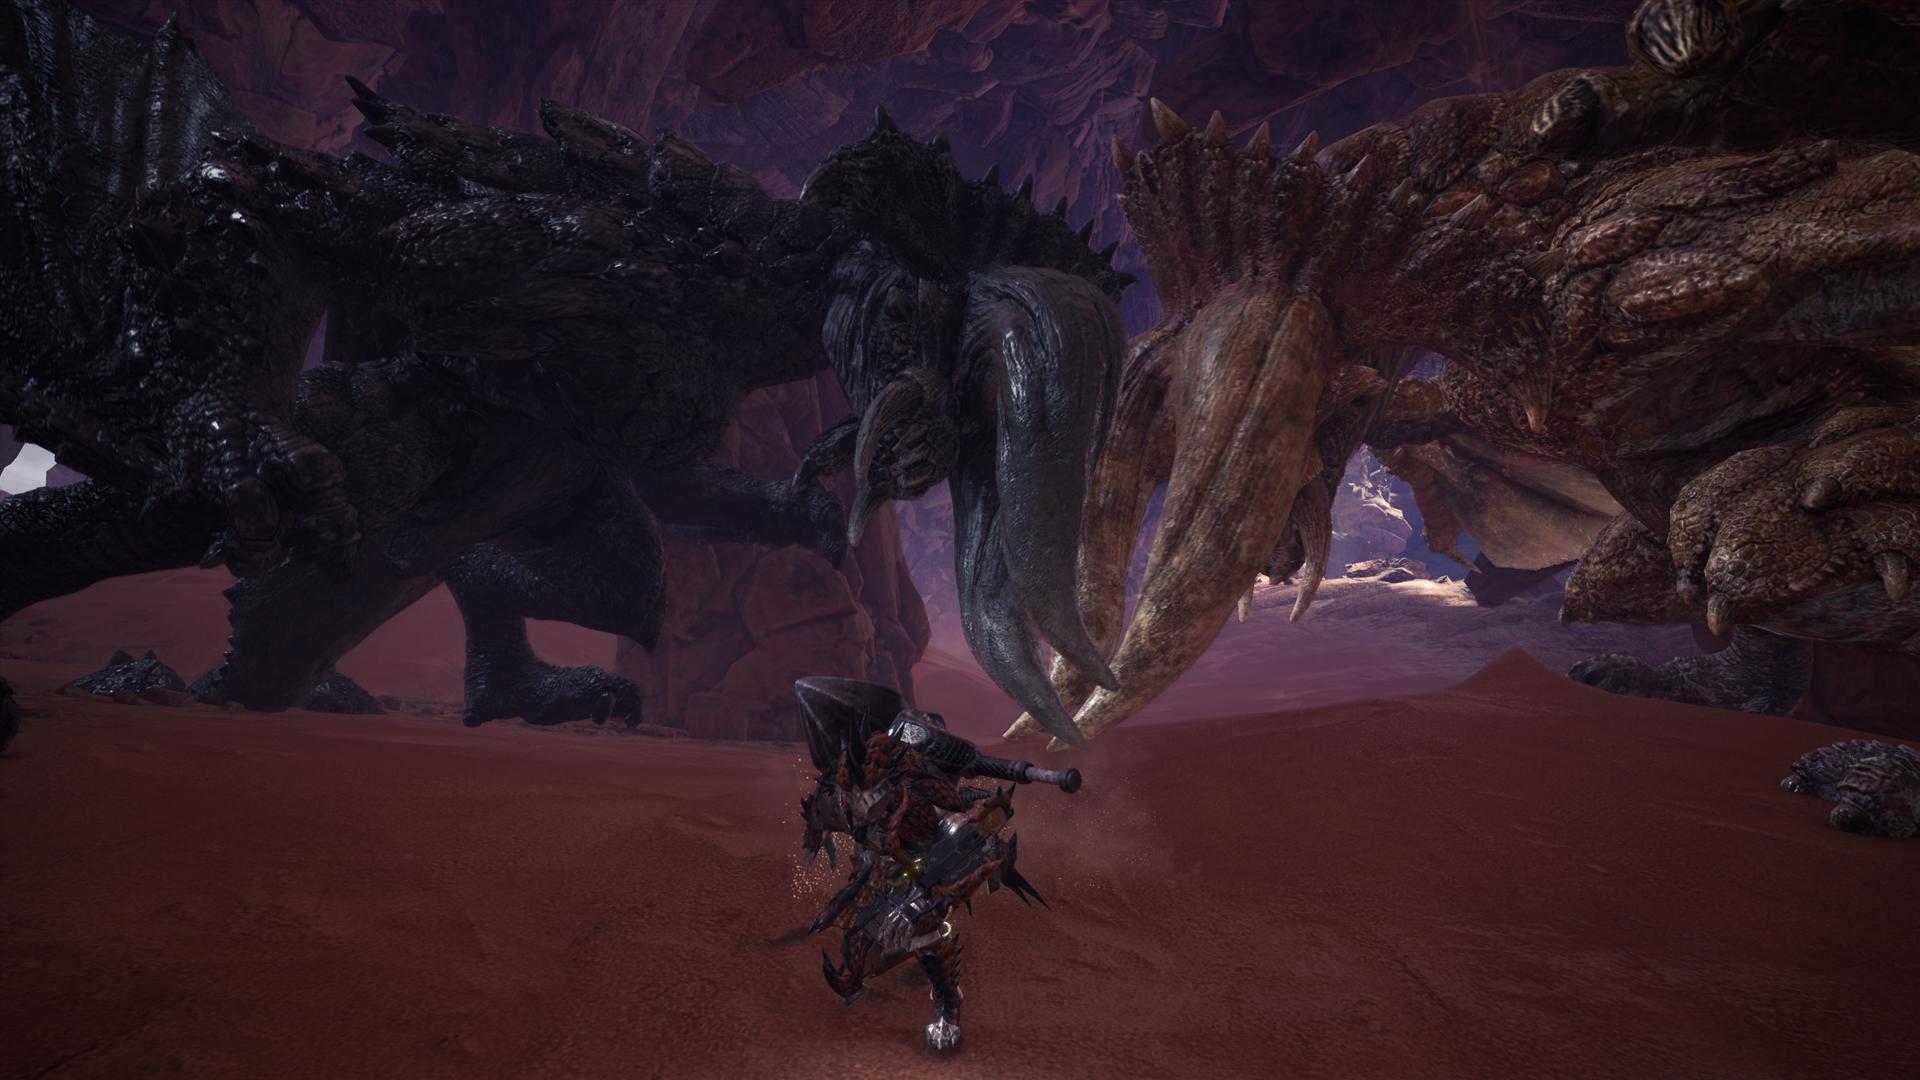 download game monster hunter pc offline